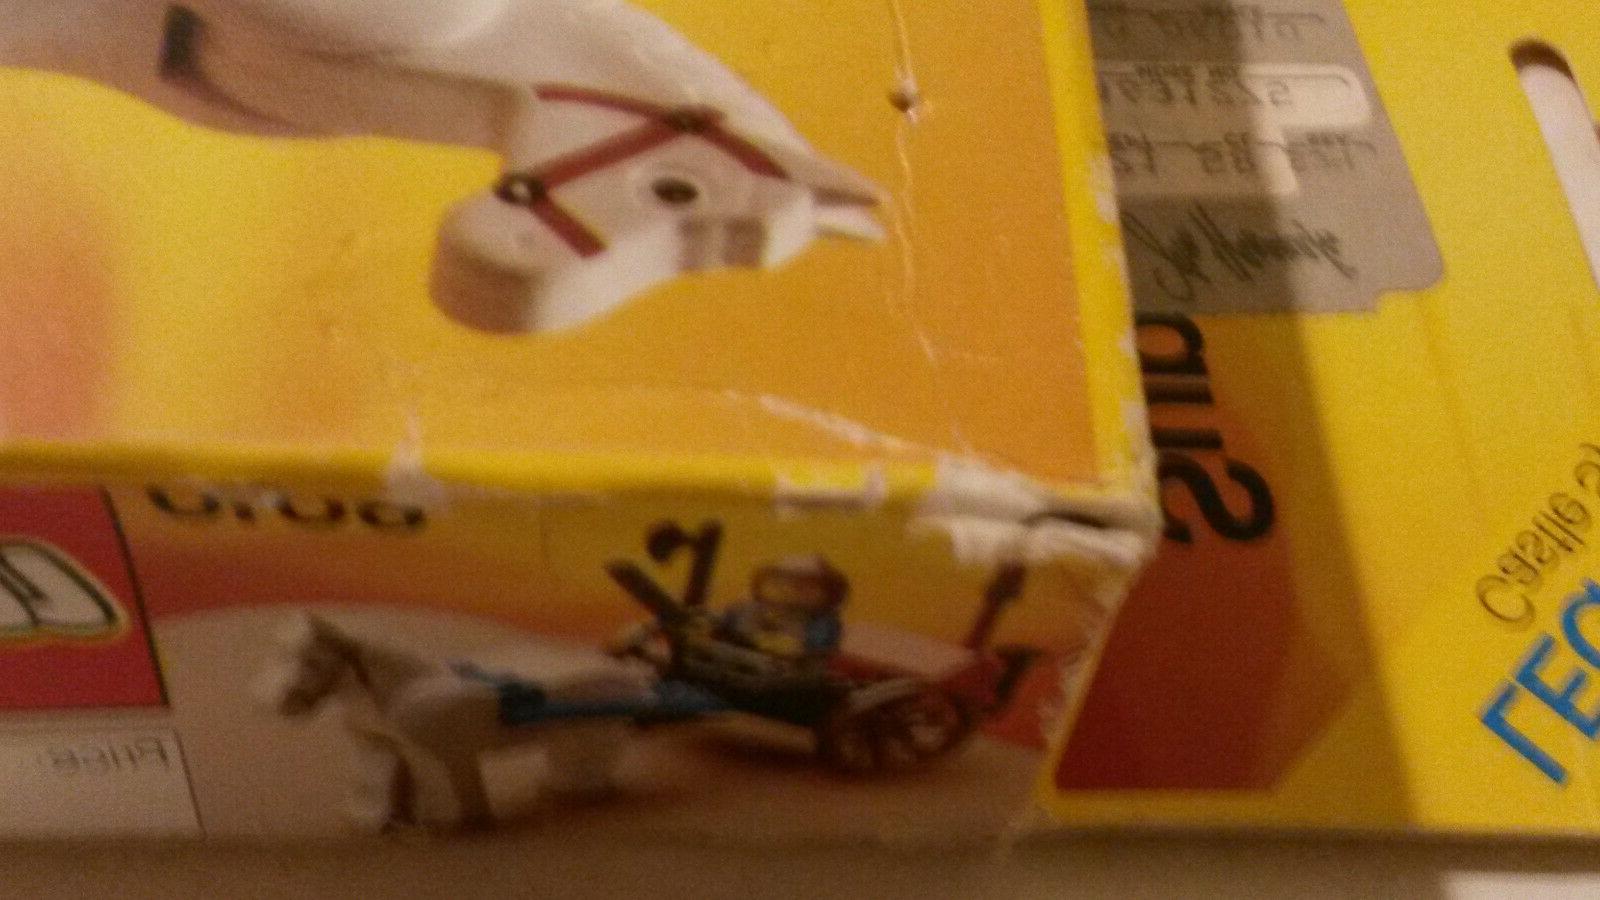 Lego Castle NIB NOS Vintage